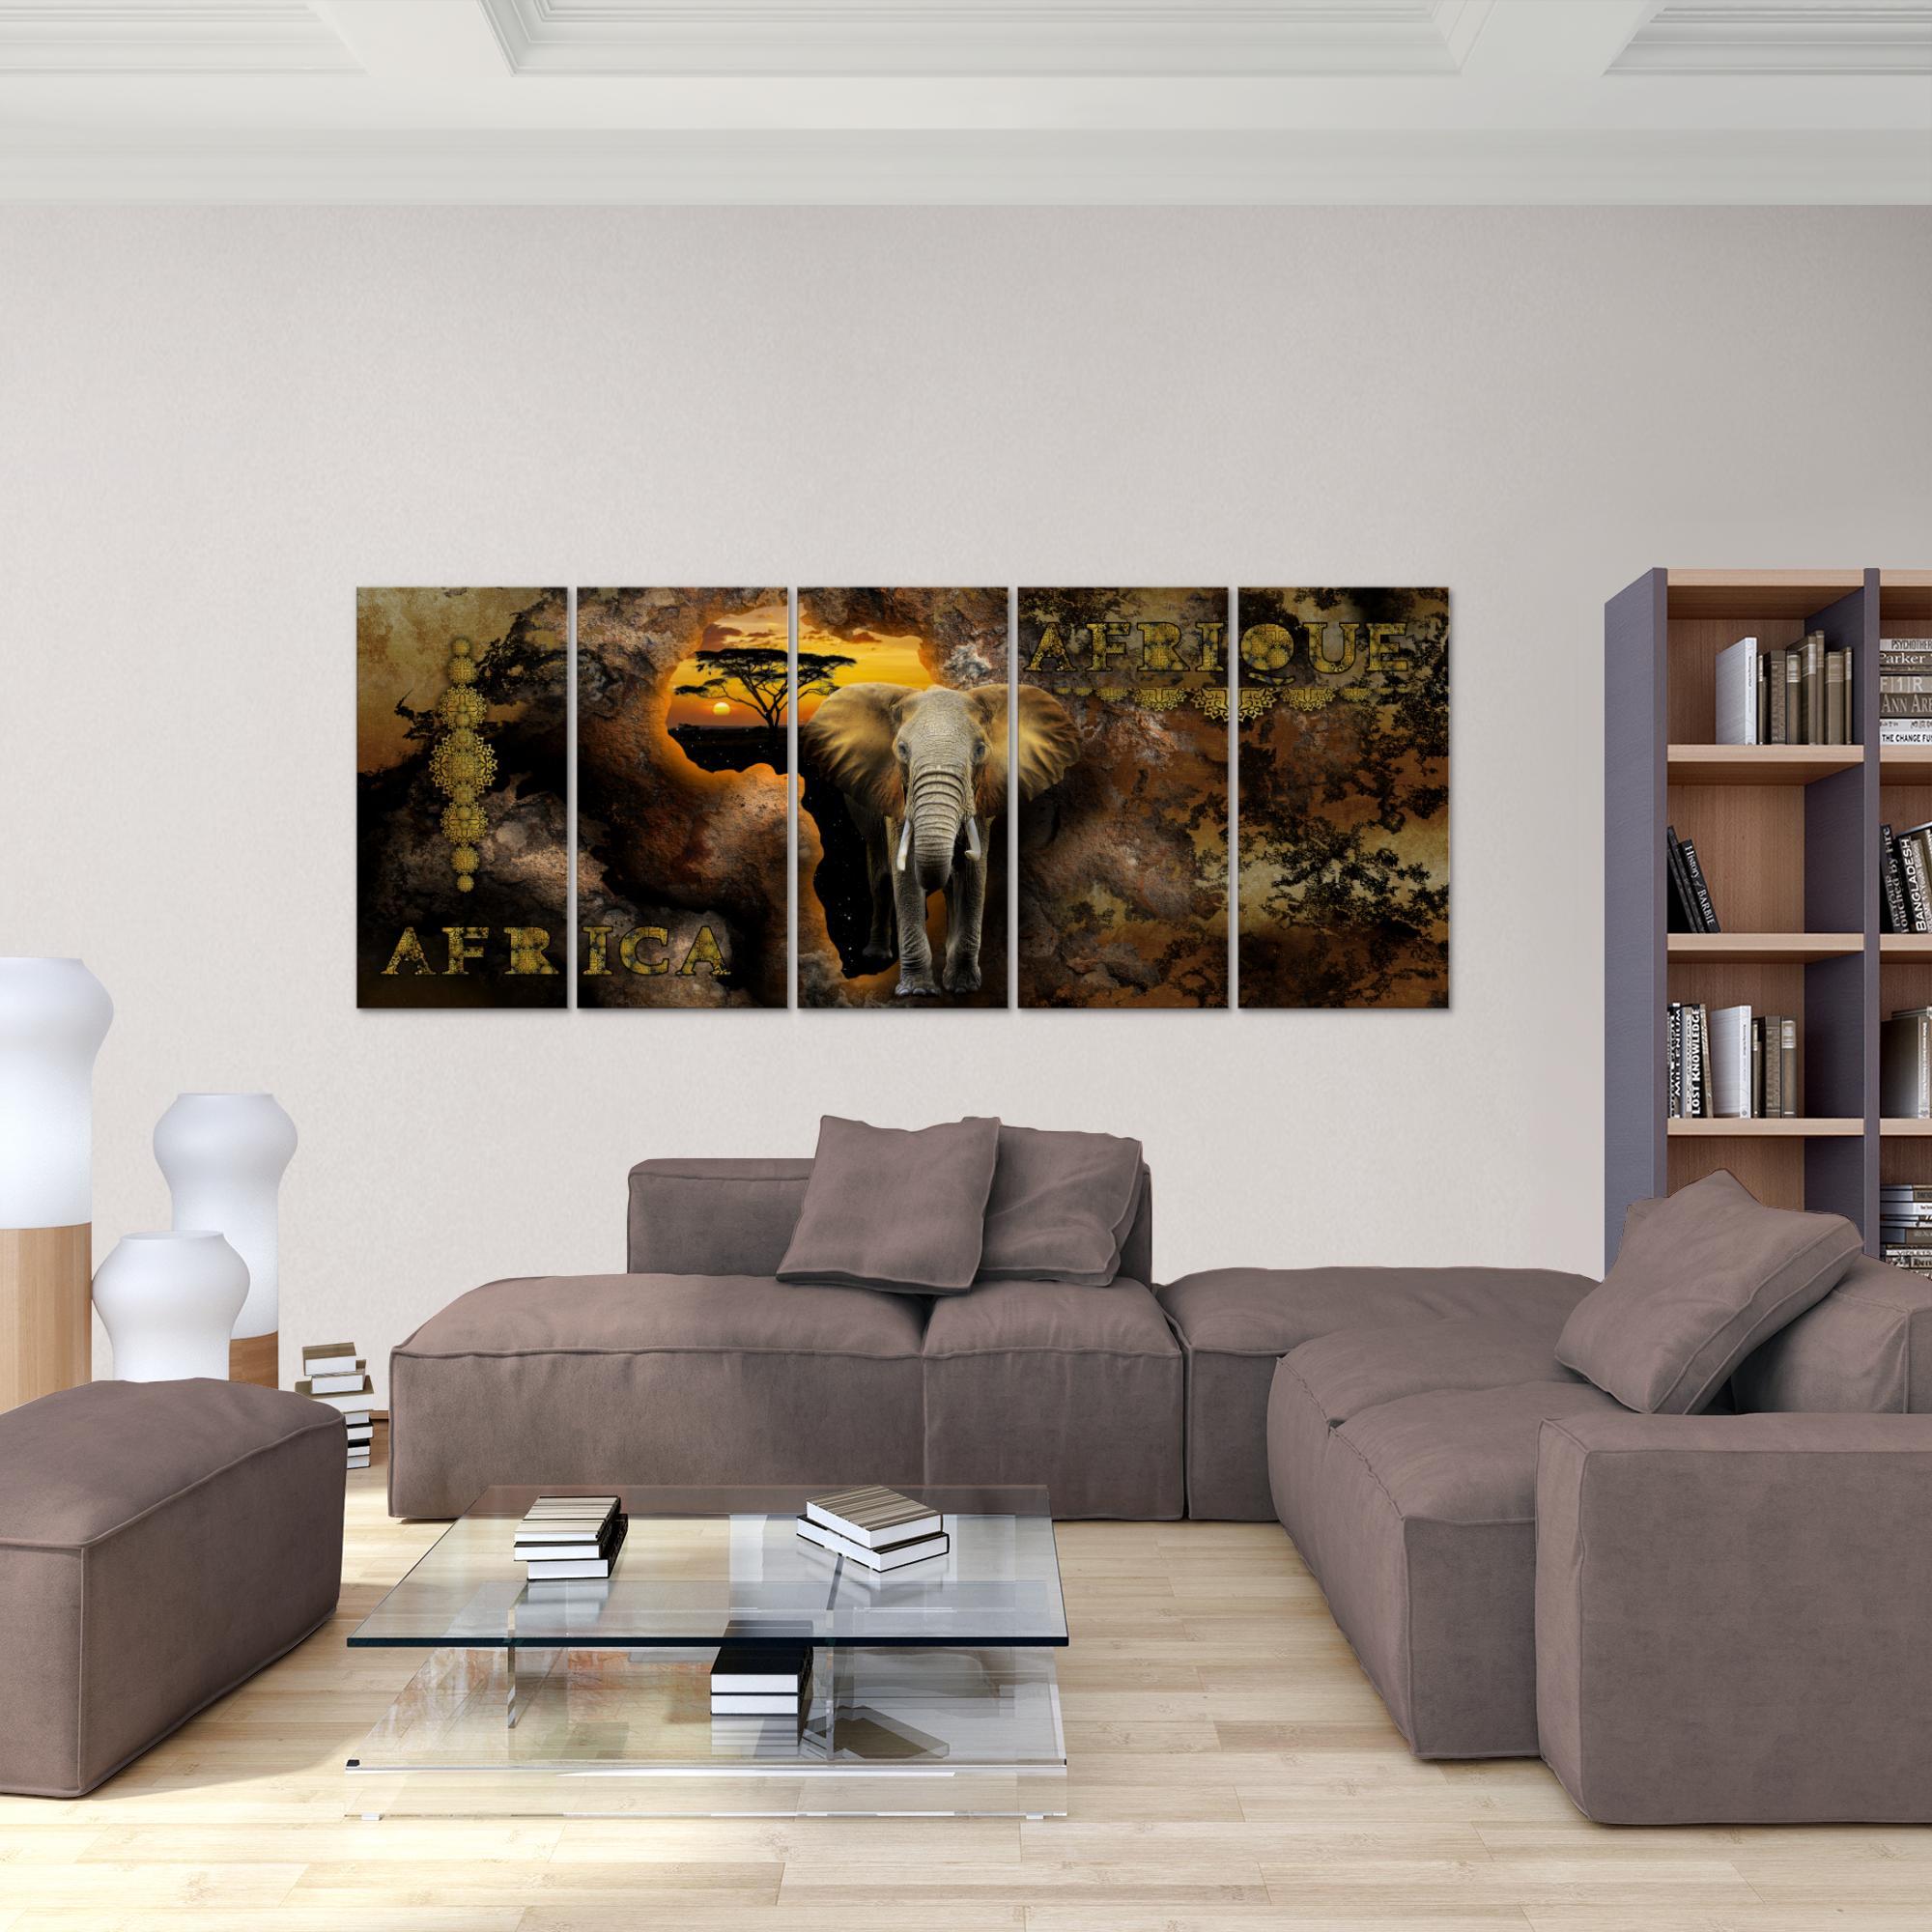 afrika bild kunstdruck auf vlies leinwand xxl dekoration 022655p. Black Bedroom Furniture Sets. Home Design Ideas